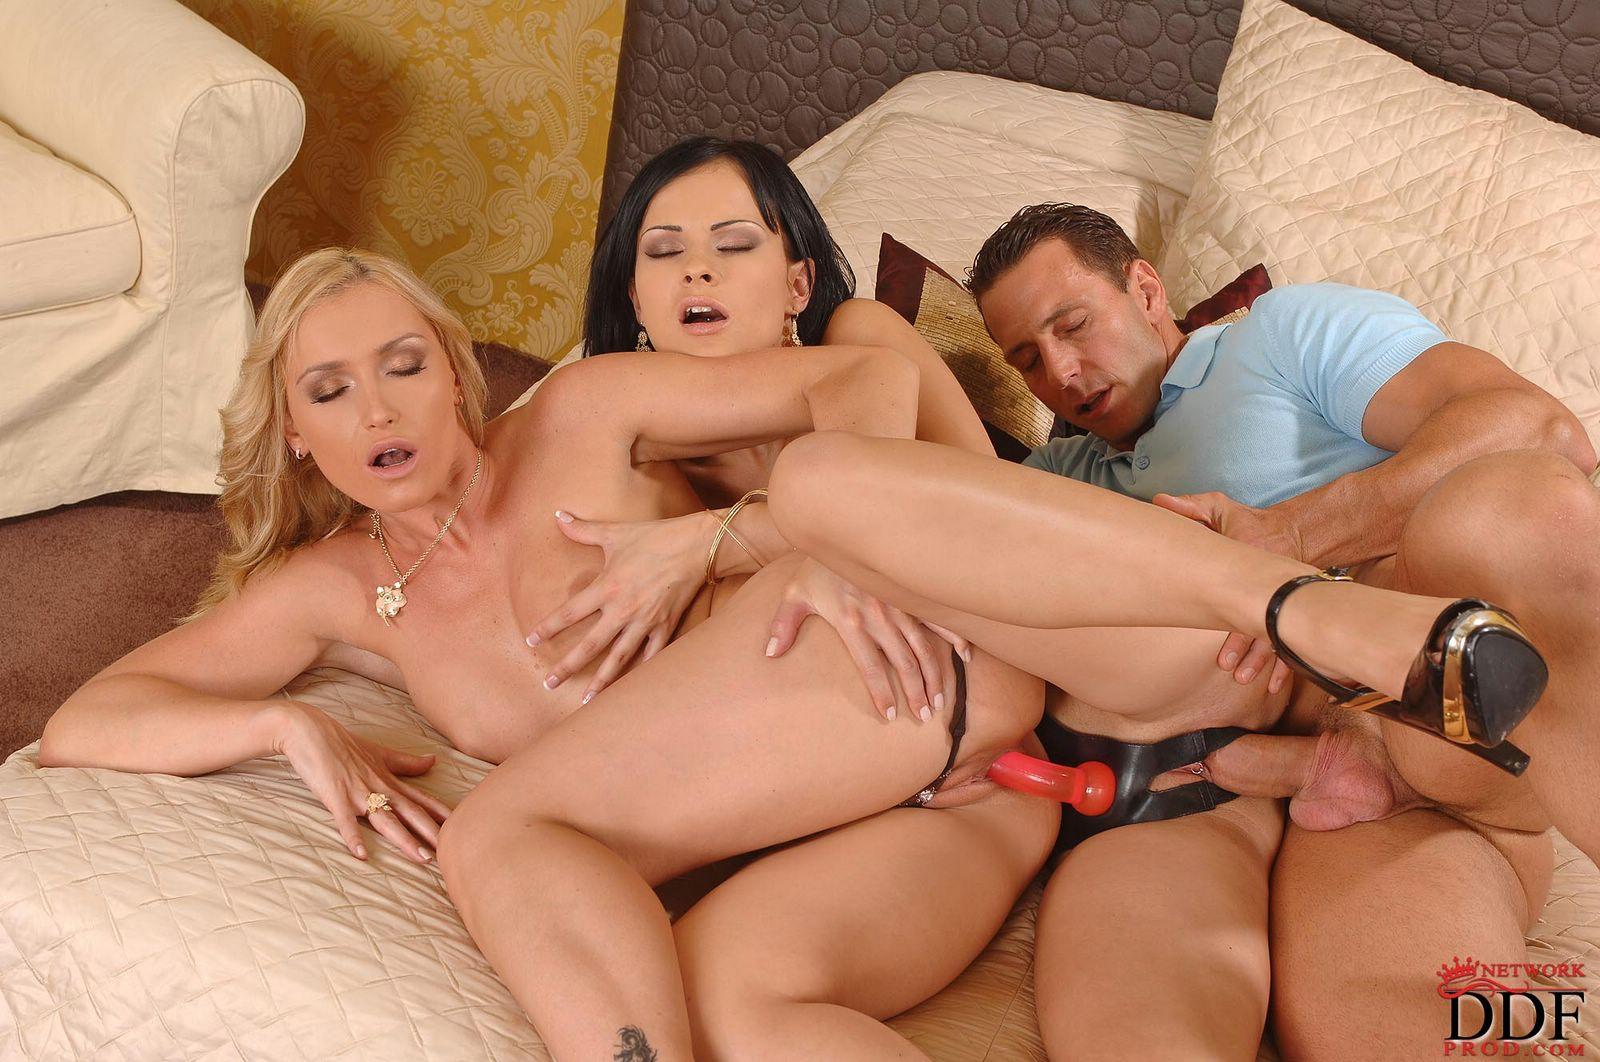 Hd Big Tit Anal Threesome